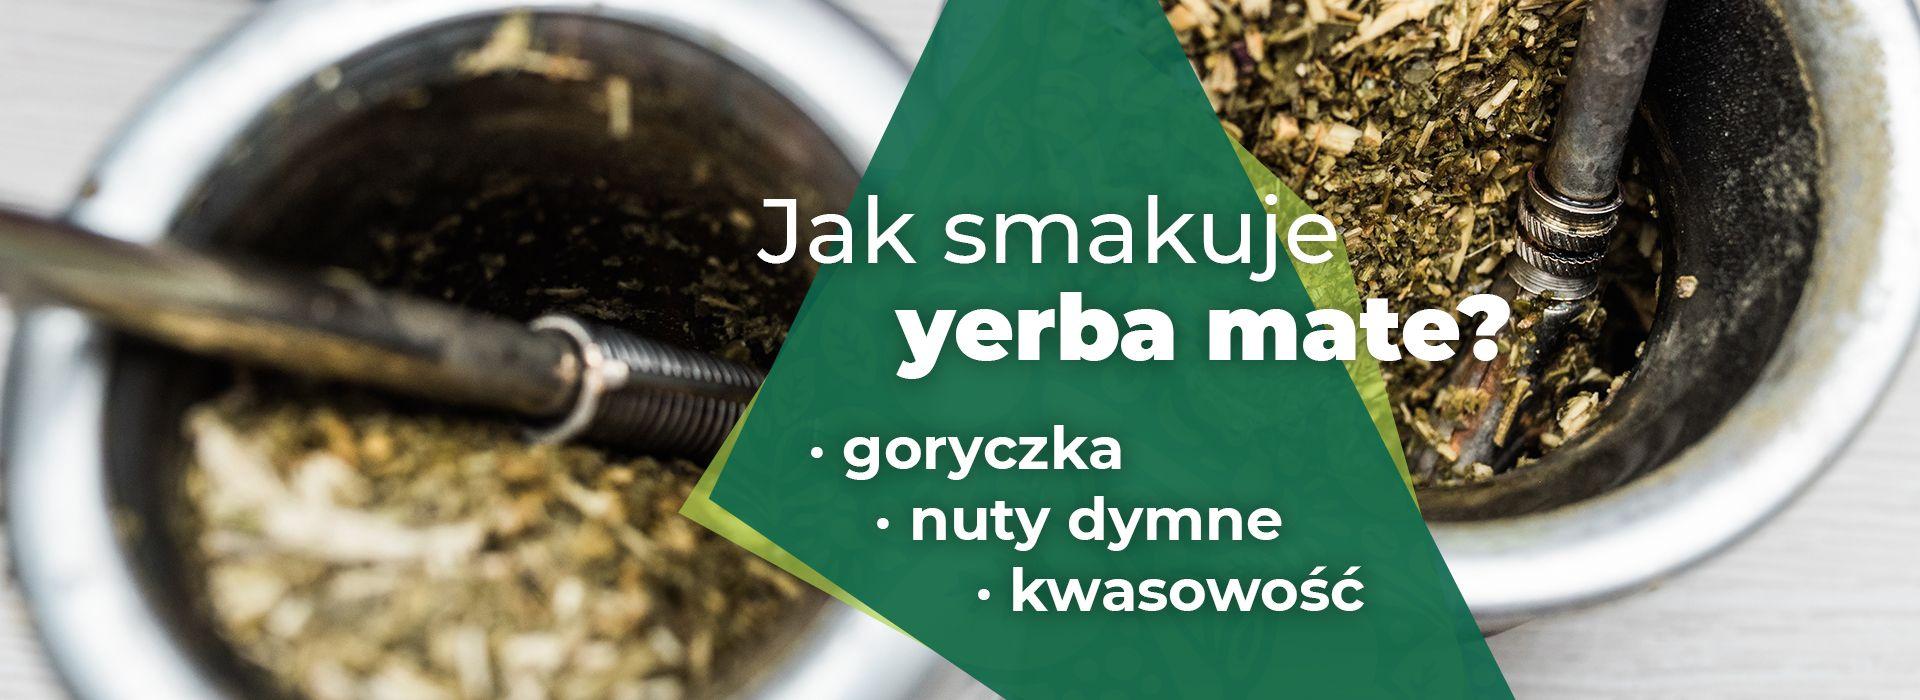 Smak Yerba Mate można określić jako złożenie trzech nut smakowych: wysublimowana goryczka,nuty wędzone, oraz lekka kwasowość. I jest tu o czym opowiadać.                                | ZielonyTarg.pl